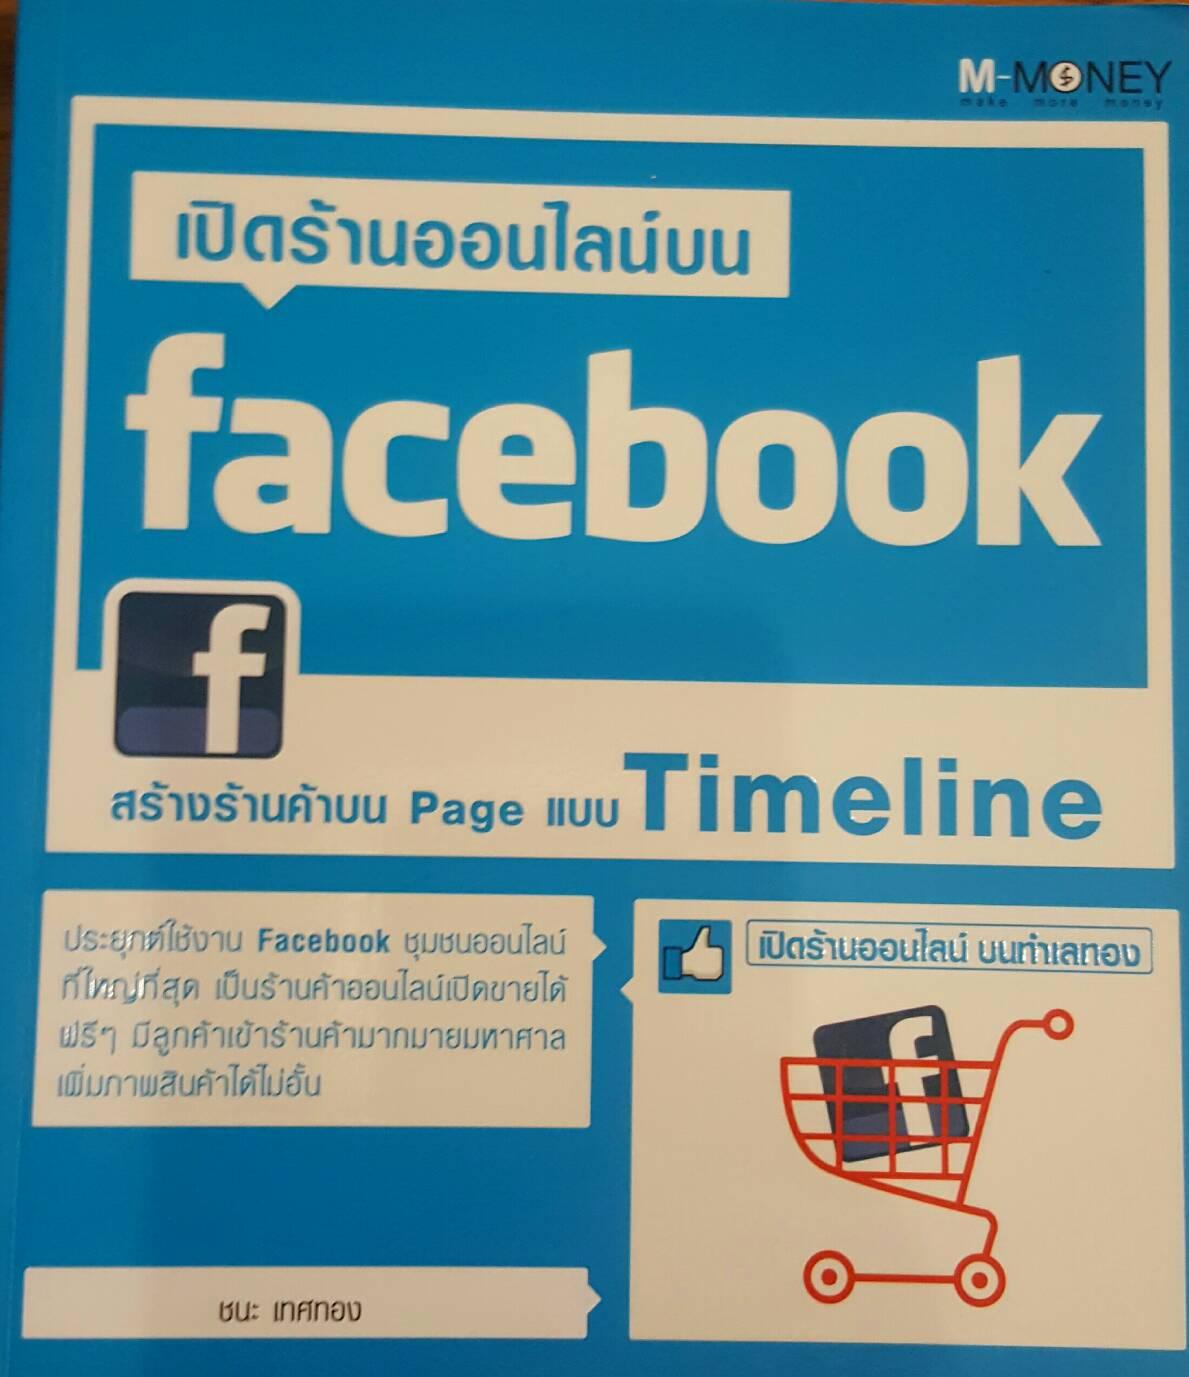 เปิดร้านออนไลน์บนfacebook